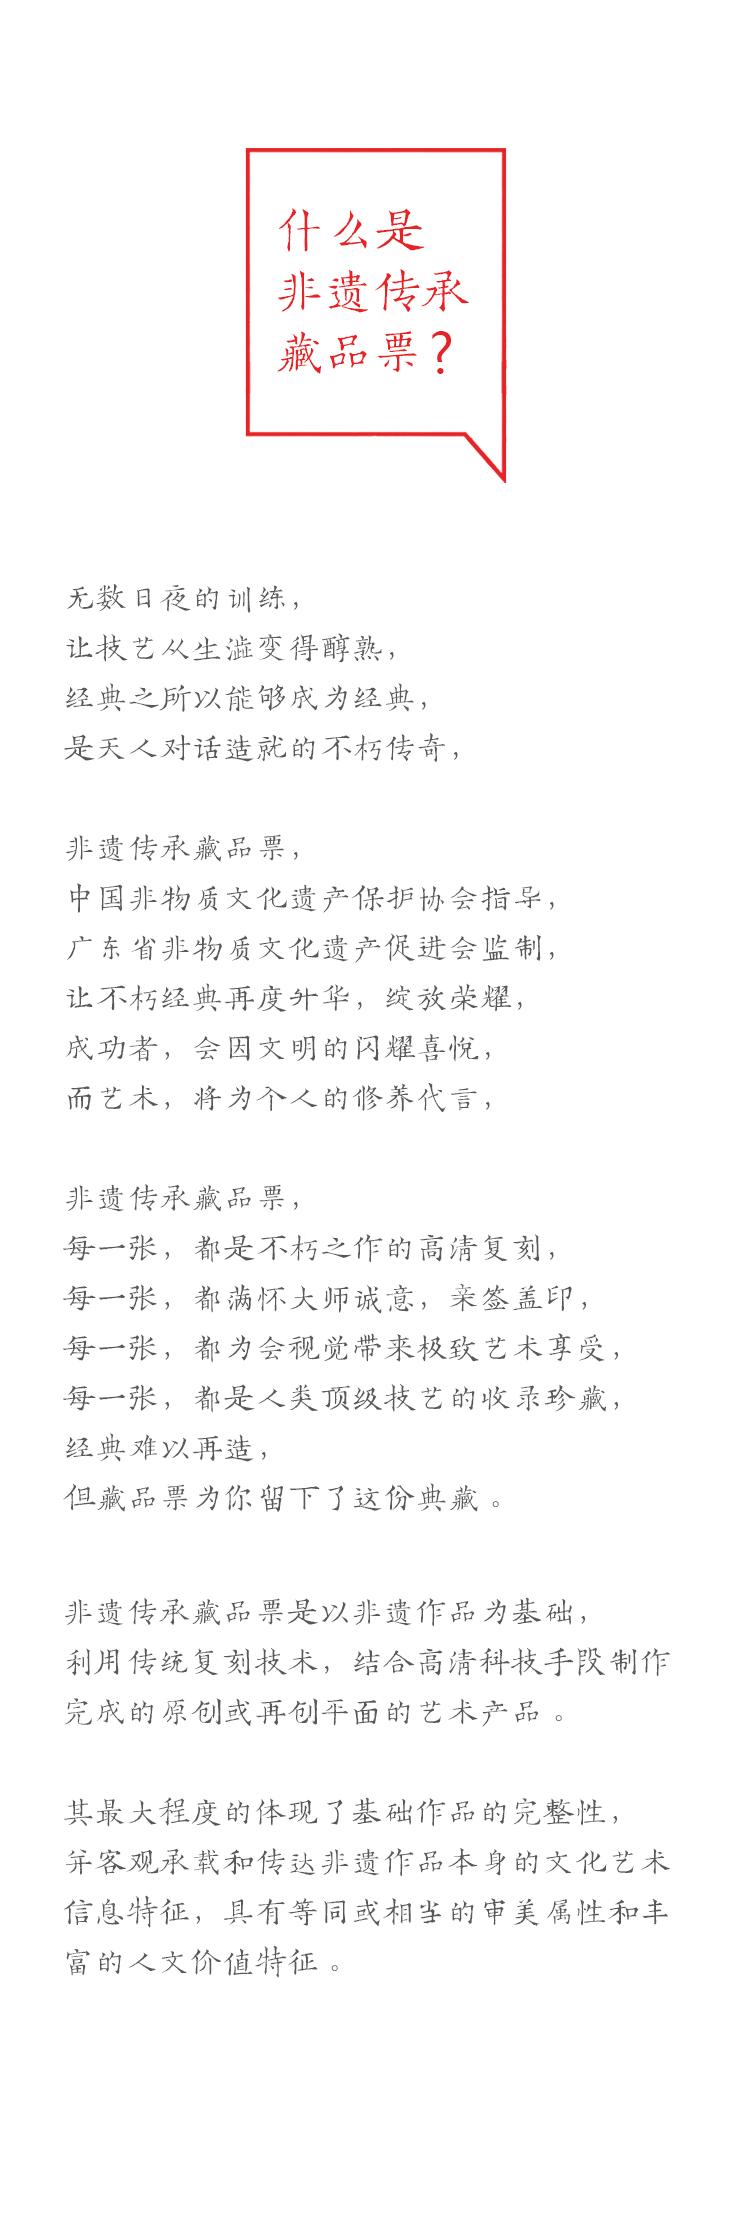 老子观井_05.jpg